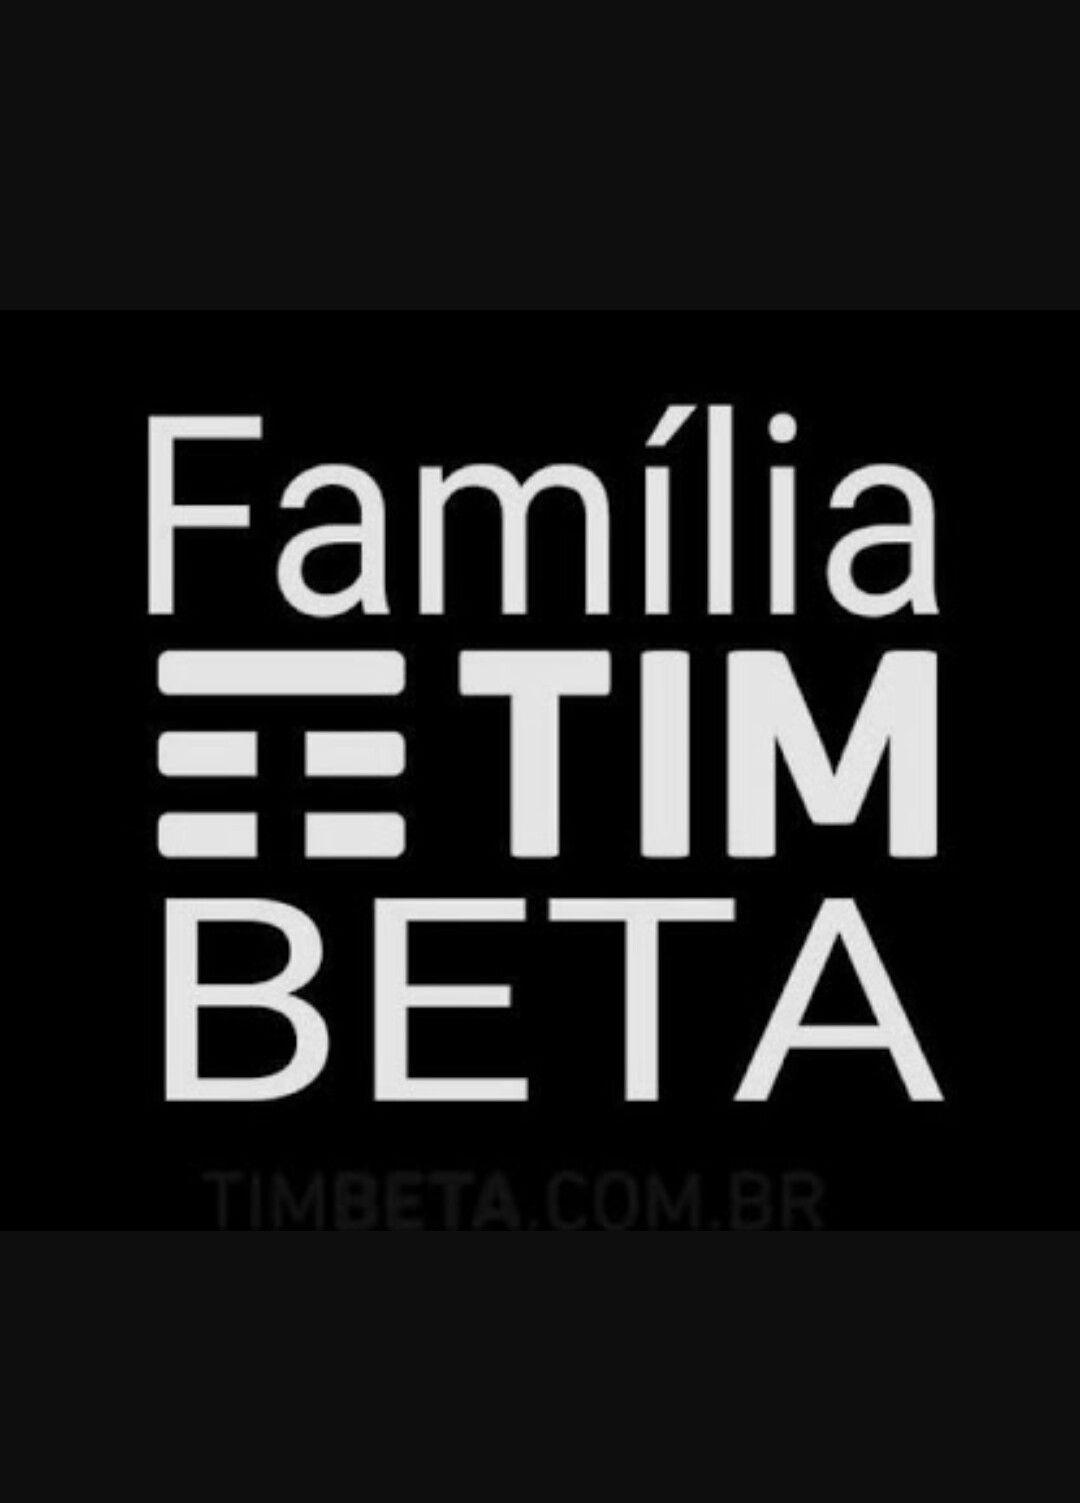 Timbeta vamos lá! #TimBeta